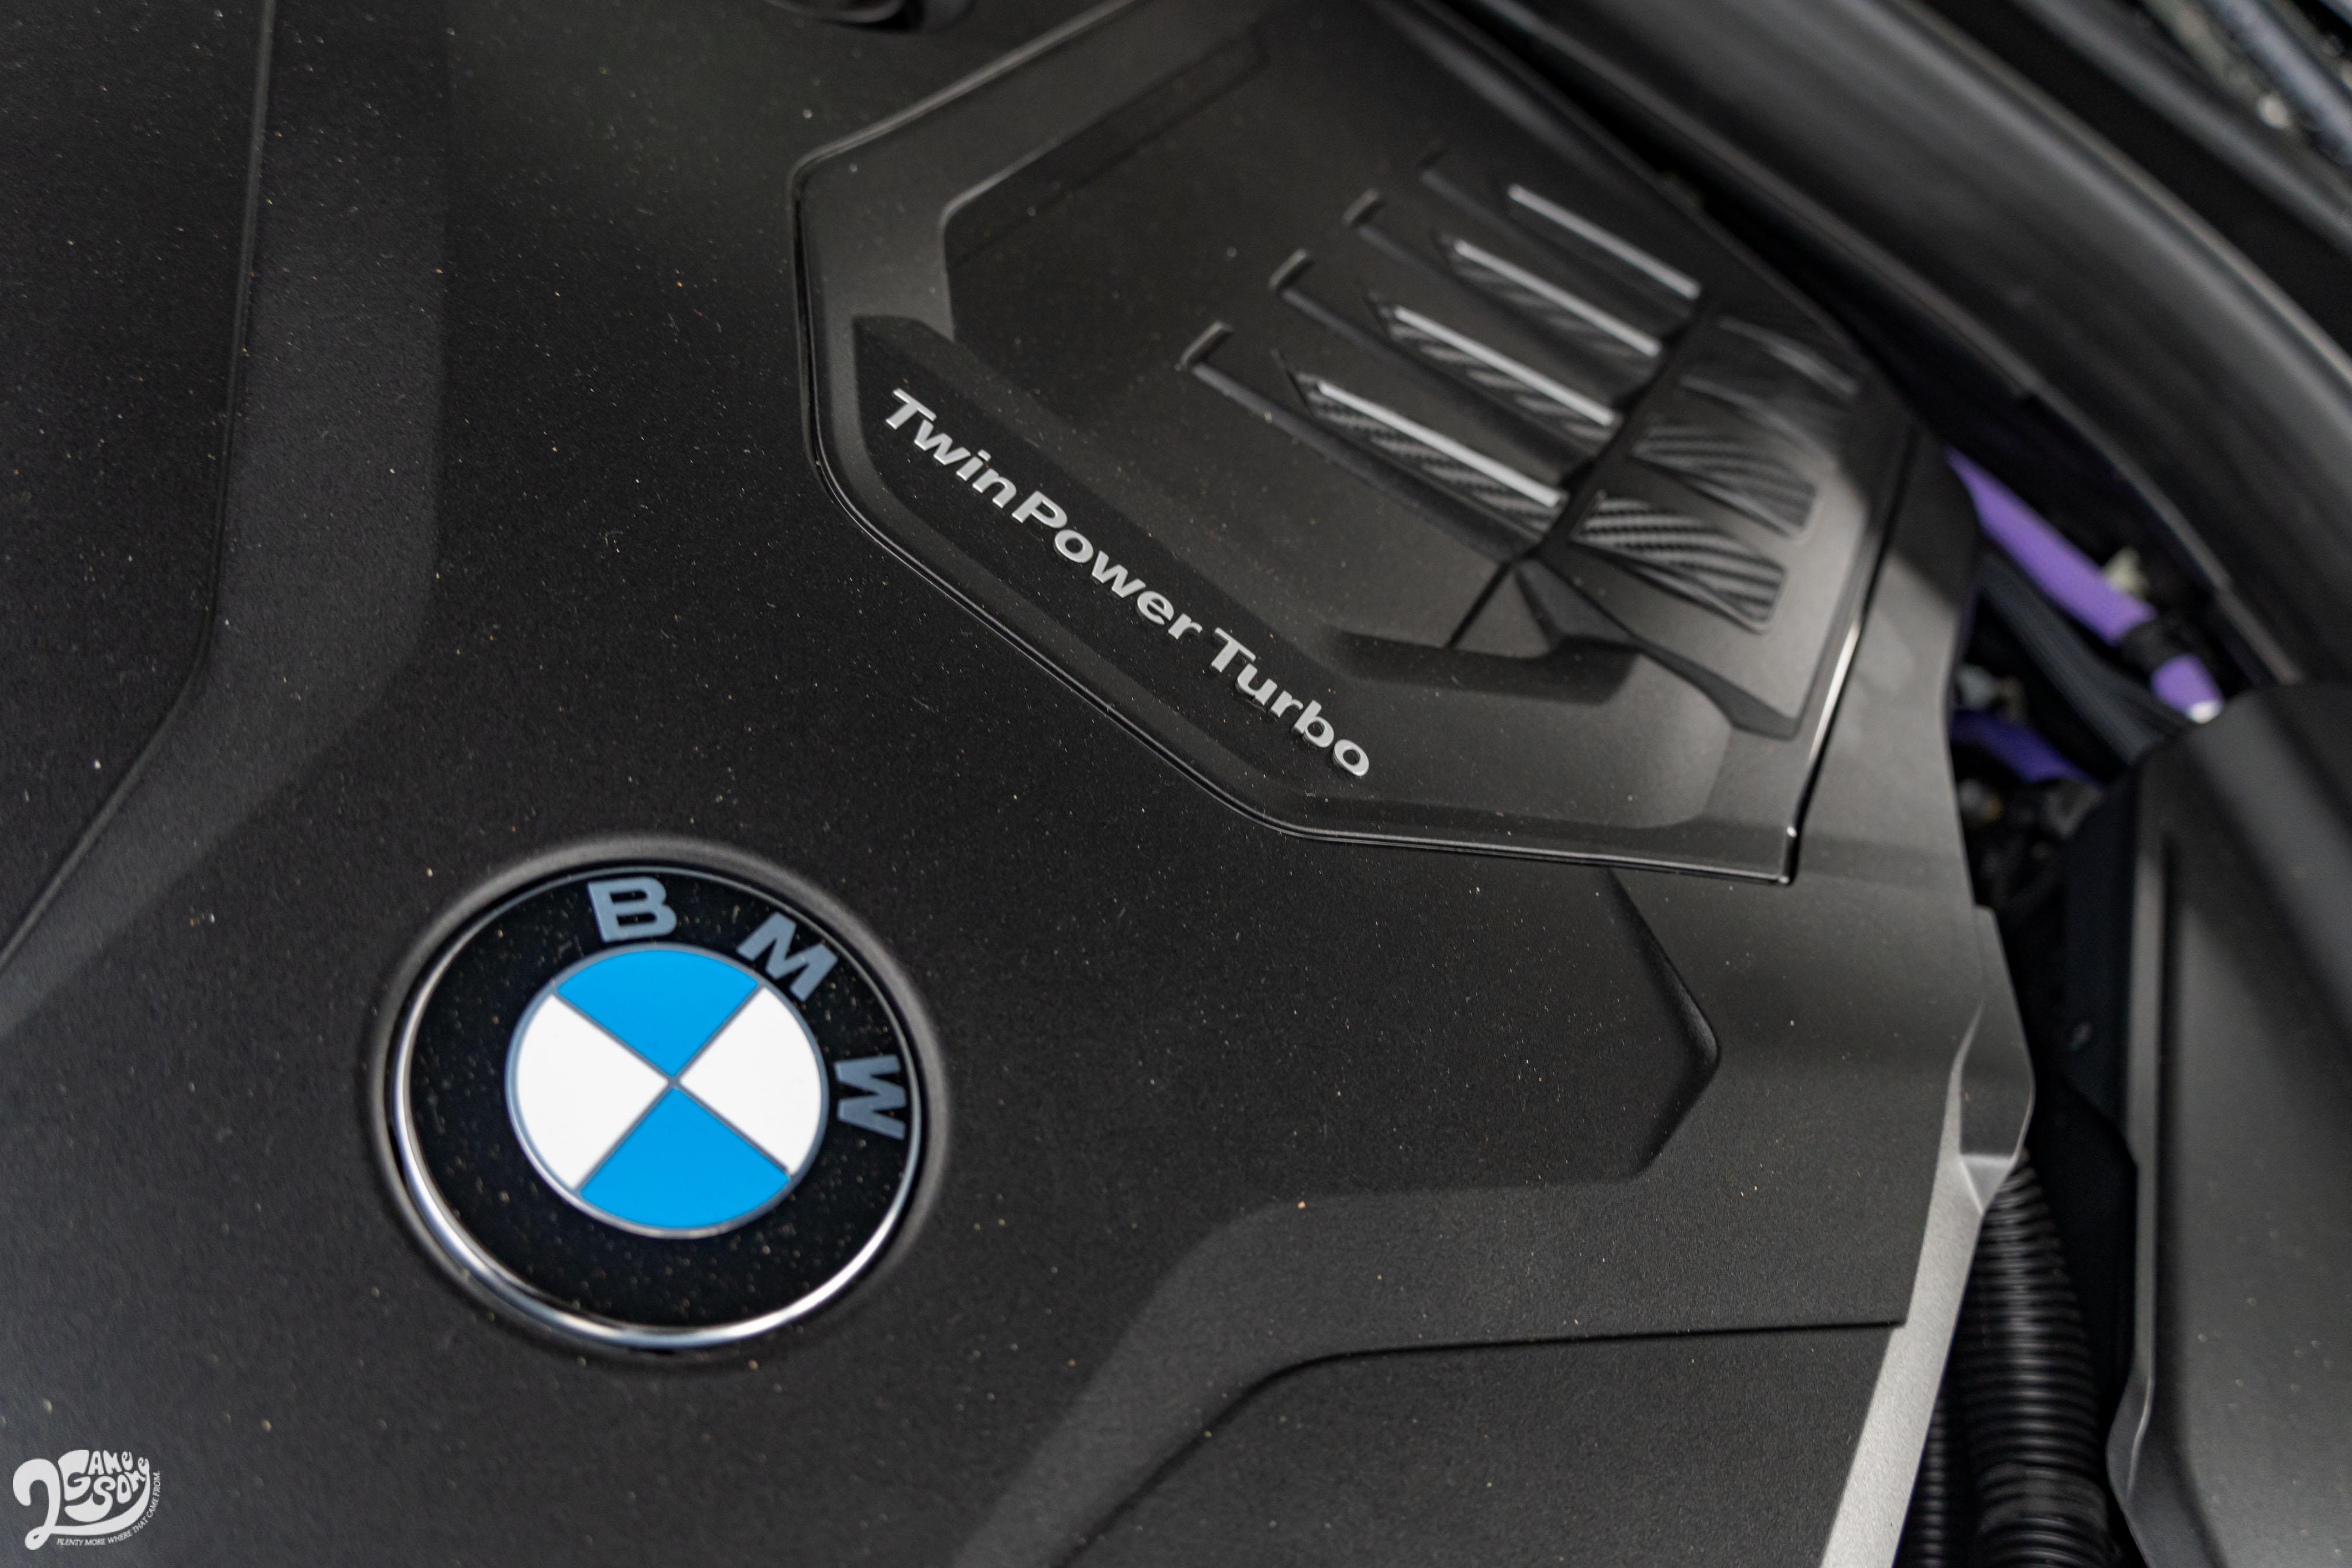 TwinPower Turbo 渦輪四缸引擎擁有 184 匹馬力及 290 Nm 扭力,同時 48V 系統提供額外 11 匹馬力。